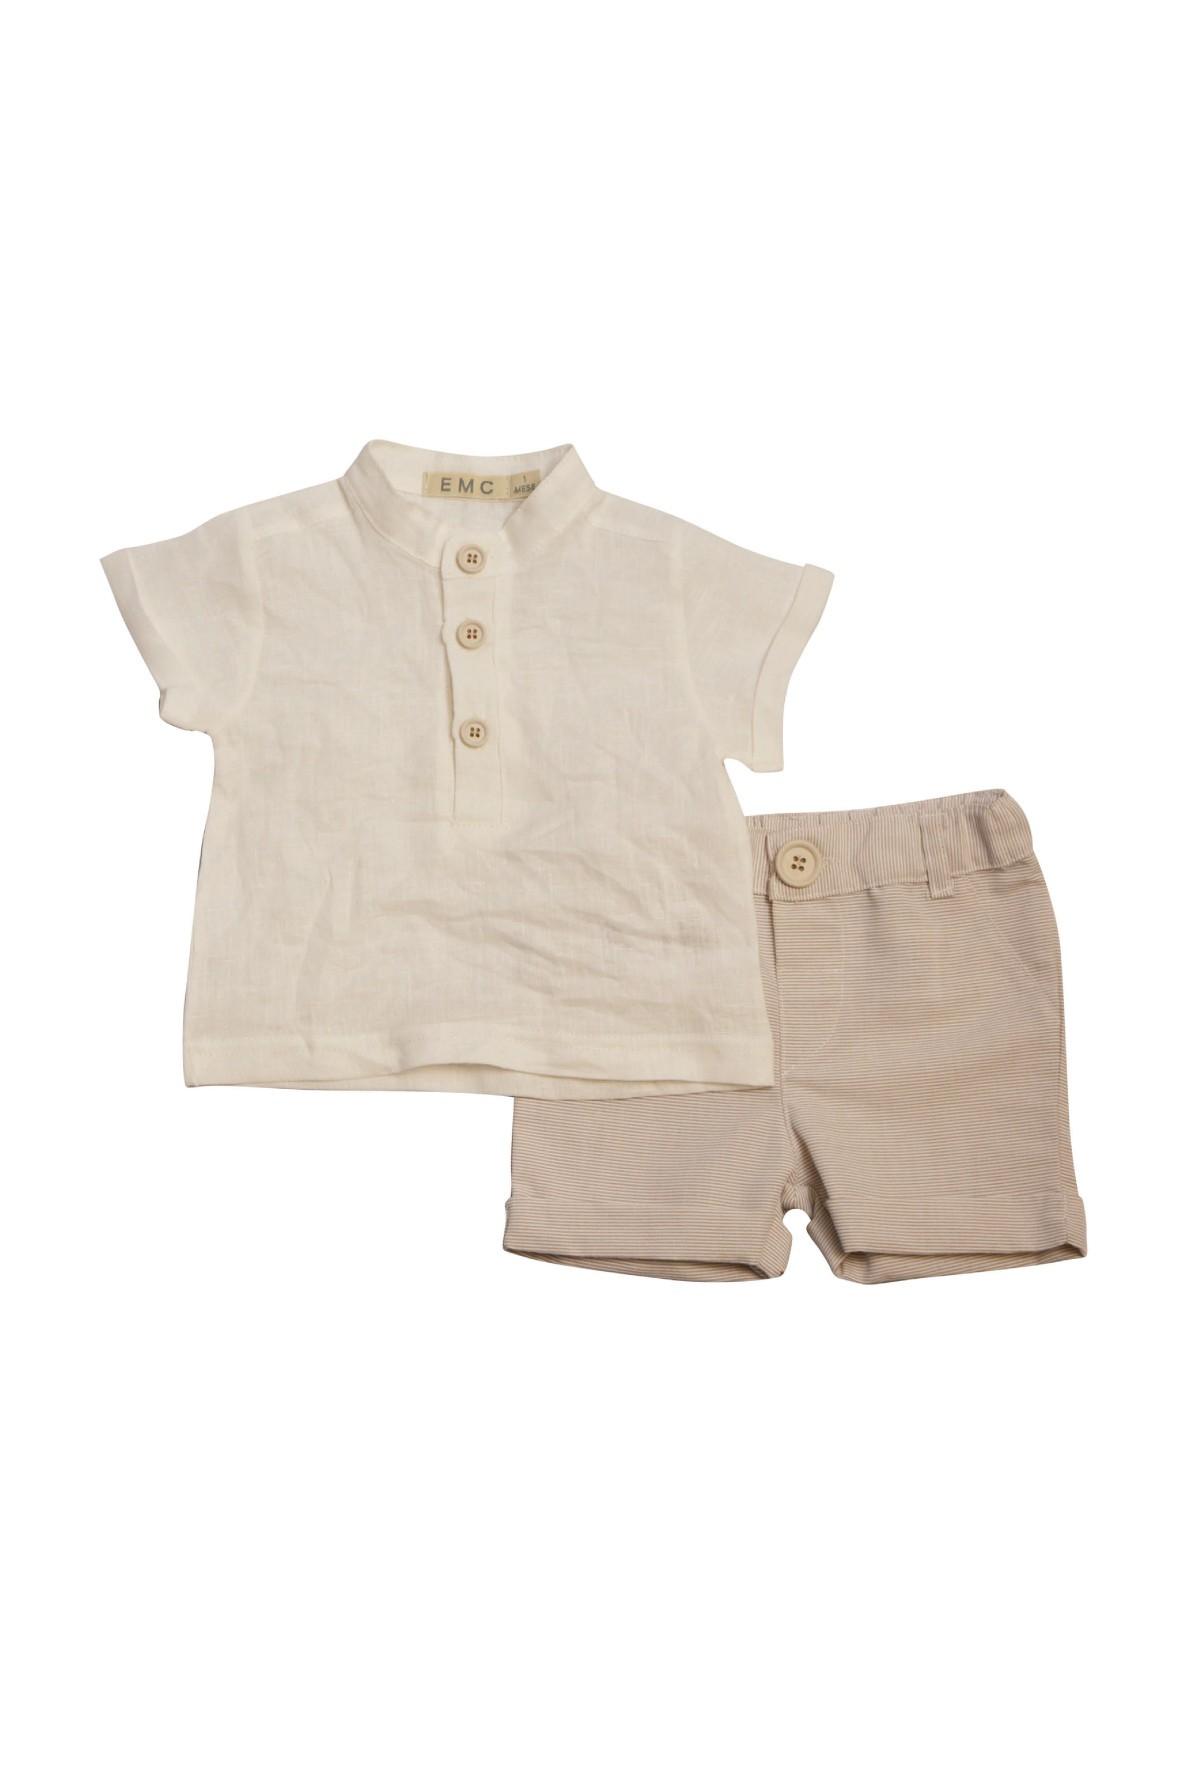 Komplet lnianych ubrań na lato dla niemowlaka